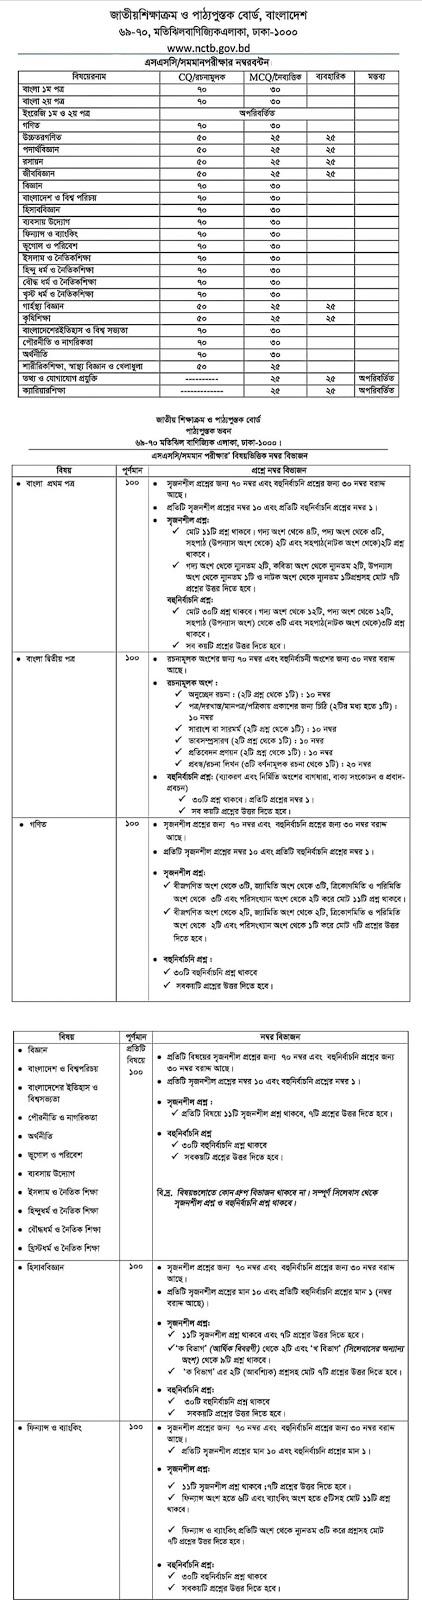 ২০২১ সালের এসএসসি পরীক্ষার সিলেবাস |Ssc syllabus 2021 Bangladesh |  এস এস সি সিলেবাস ২০২১ | NCTB SSC Syllabus 2021